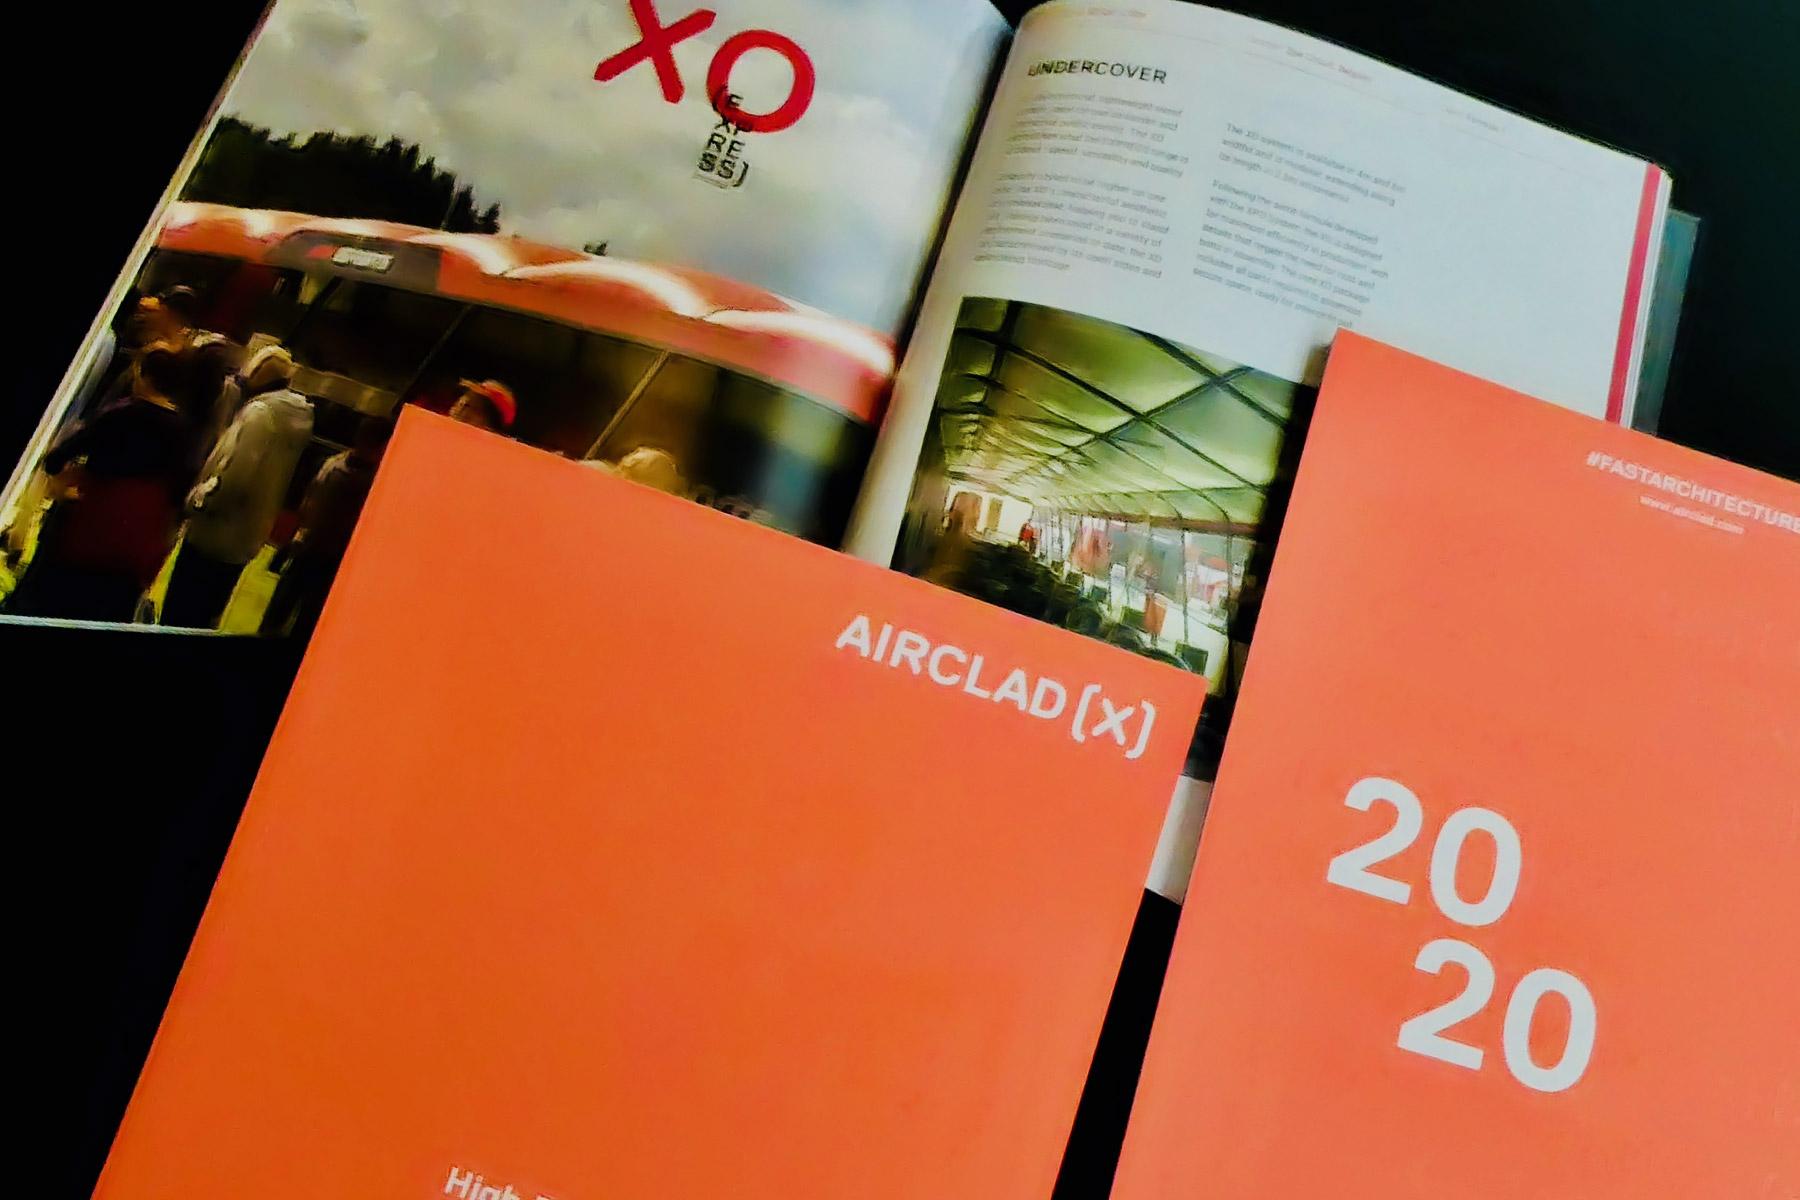 AirClad [X]